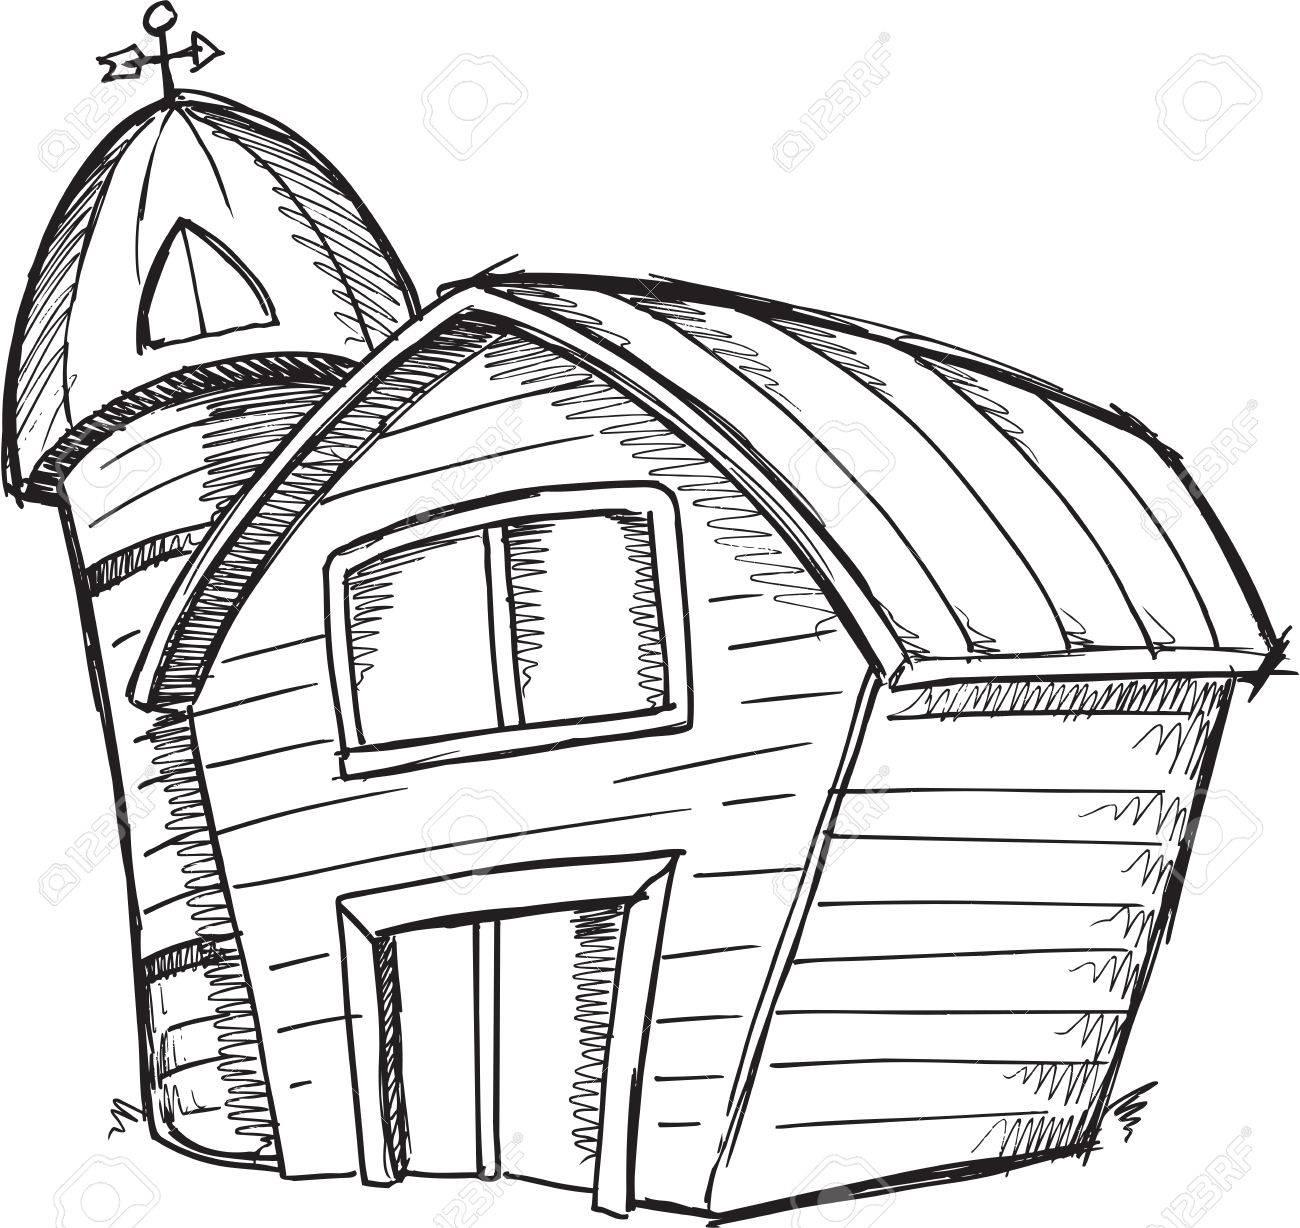 Barn clipart old barn. Drawing at getdrawings com